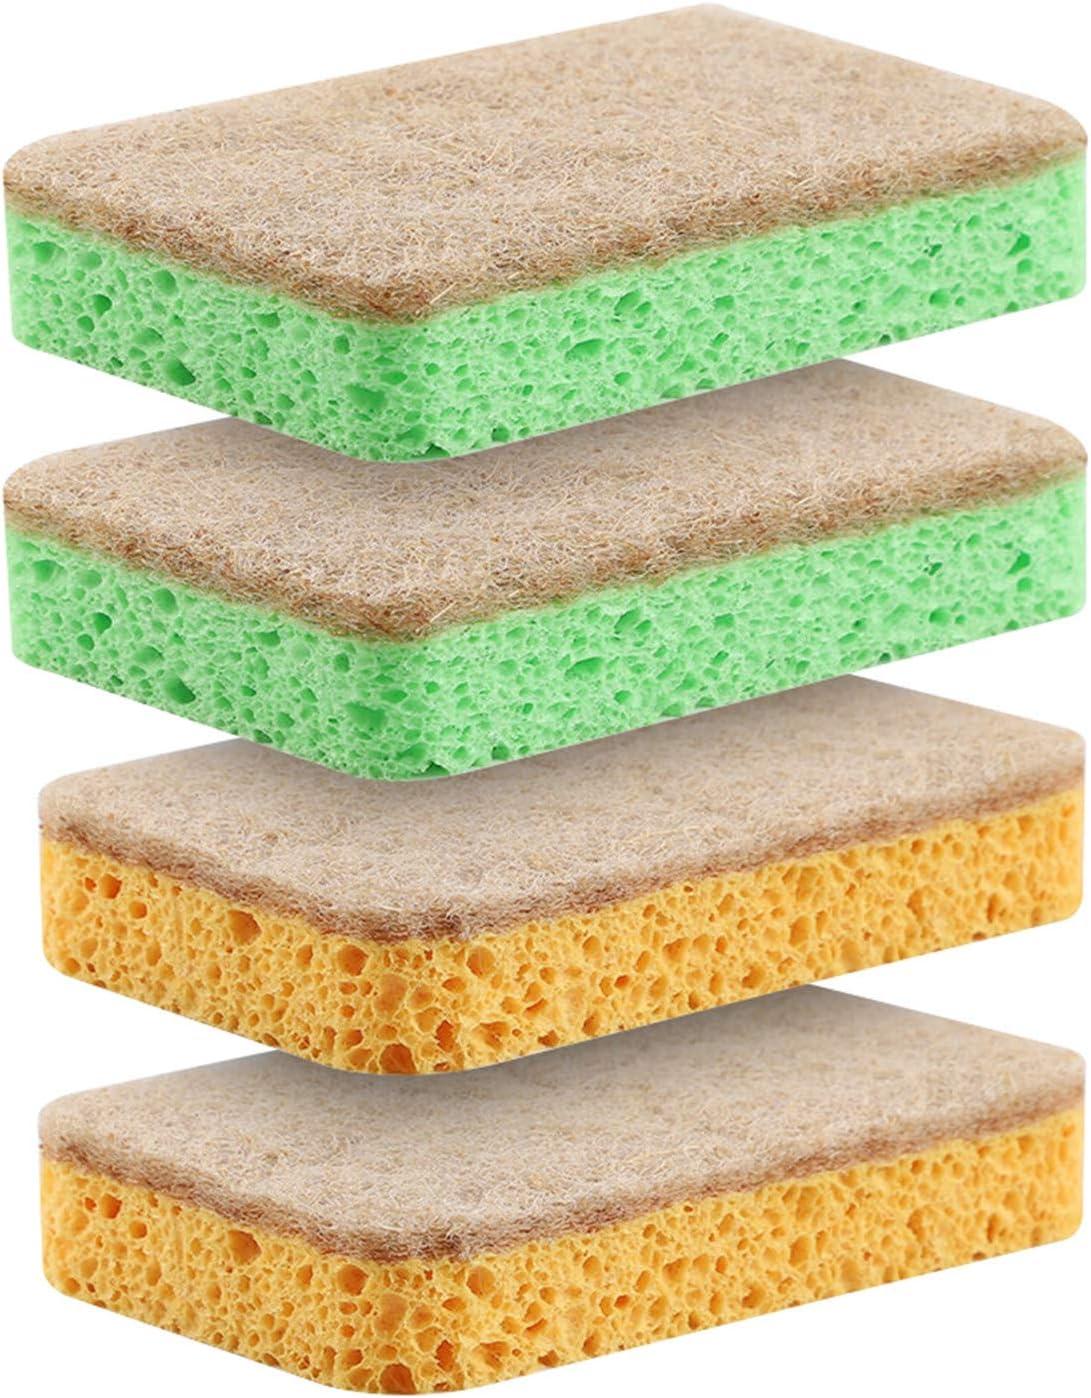 zweifarbig 2 Farben Reinigungsschw/ämme 4 St/ück nat/ürliche Zellulose-Schw/ämme kratzfeste Zellulose-Reinigungsschw/ämme Mehrzweck-doppelseitiger Geschirrsp/ülschwamm f/ür K/üche